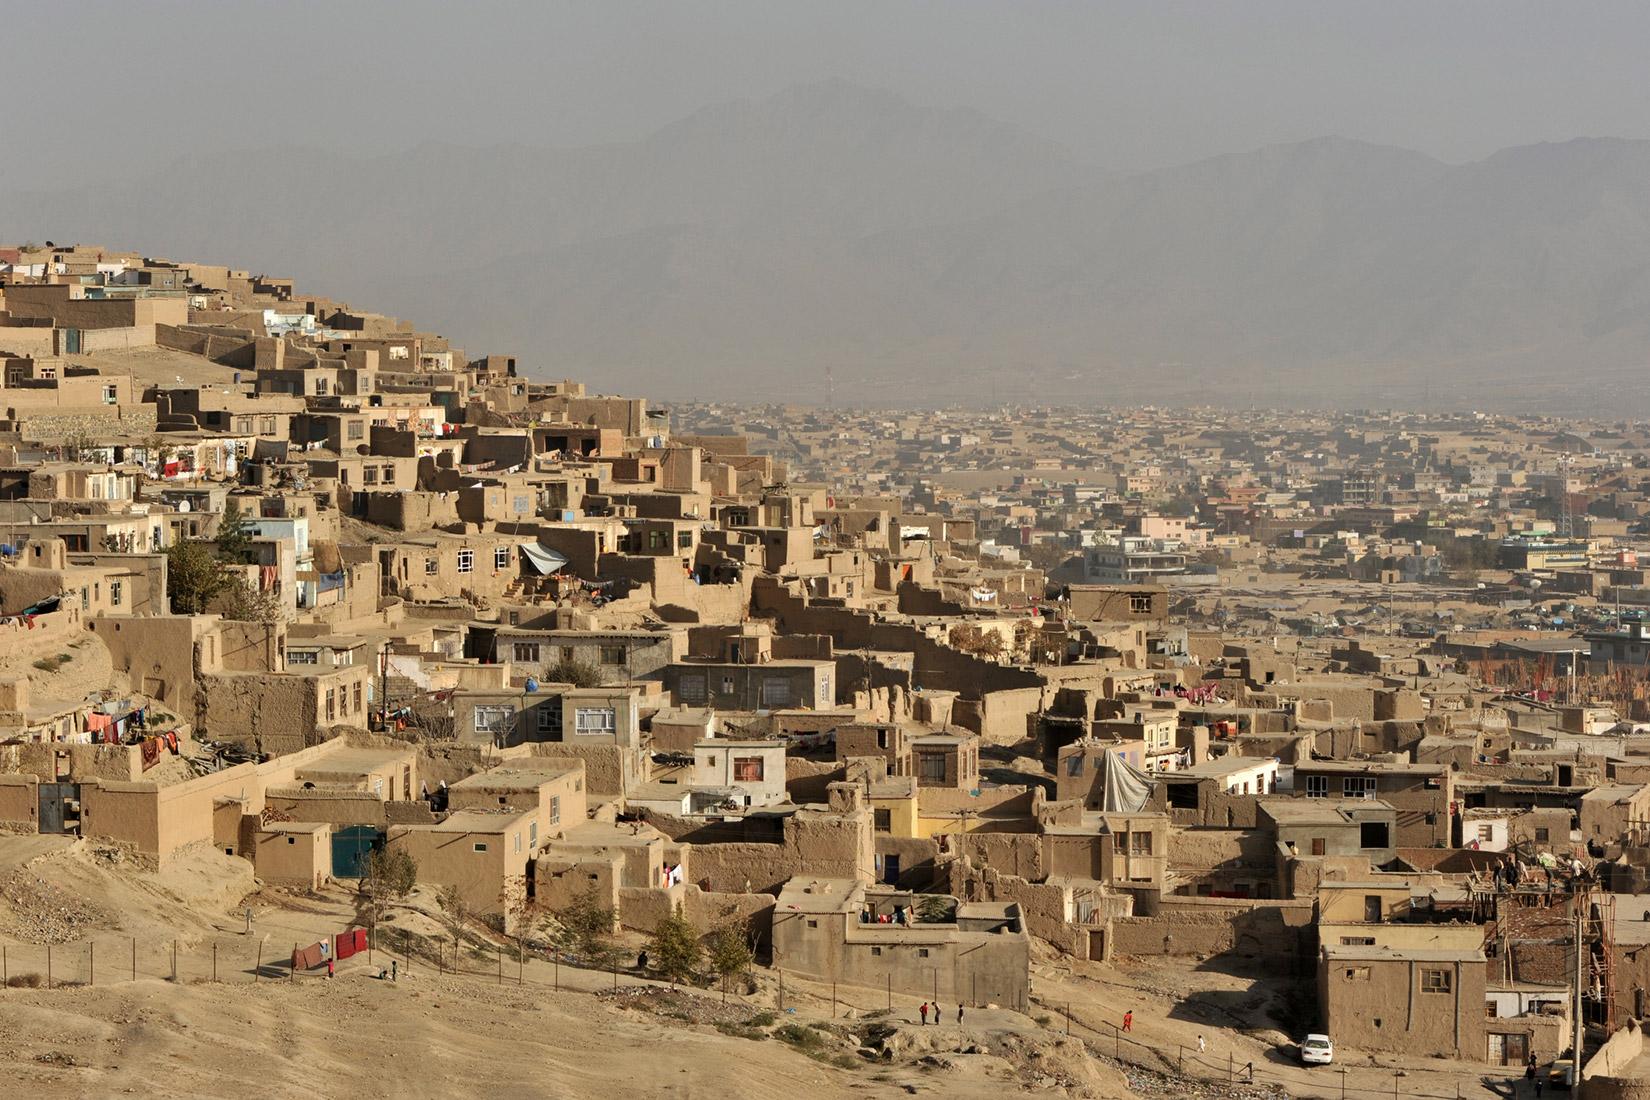 先行きの見えないアフガニスタン情勢 | 記事一覧 | 国際情報 ...